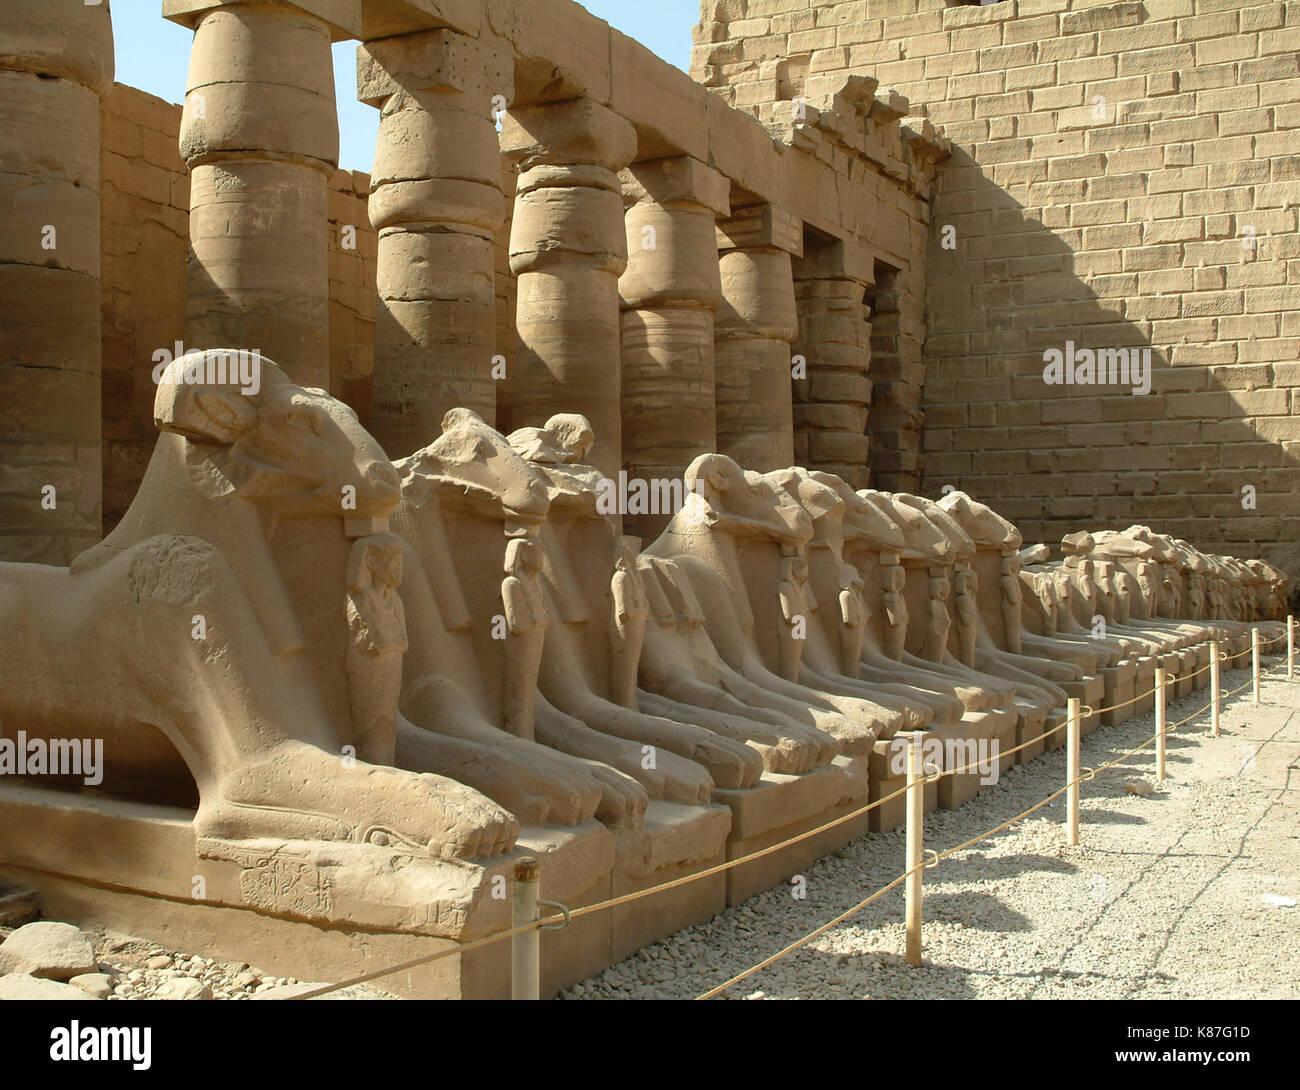 Allée de sphinx à têtes de moutons, sans personnes, Thèbes, Site du patrimoine mondial de l'UNESCO, l'Égypte, l'Afrique du Nord, Afrique Photo Stock